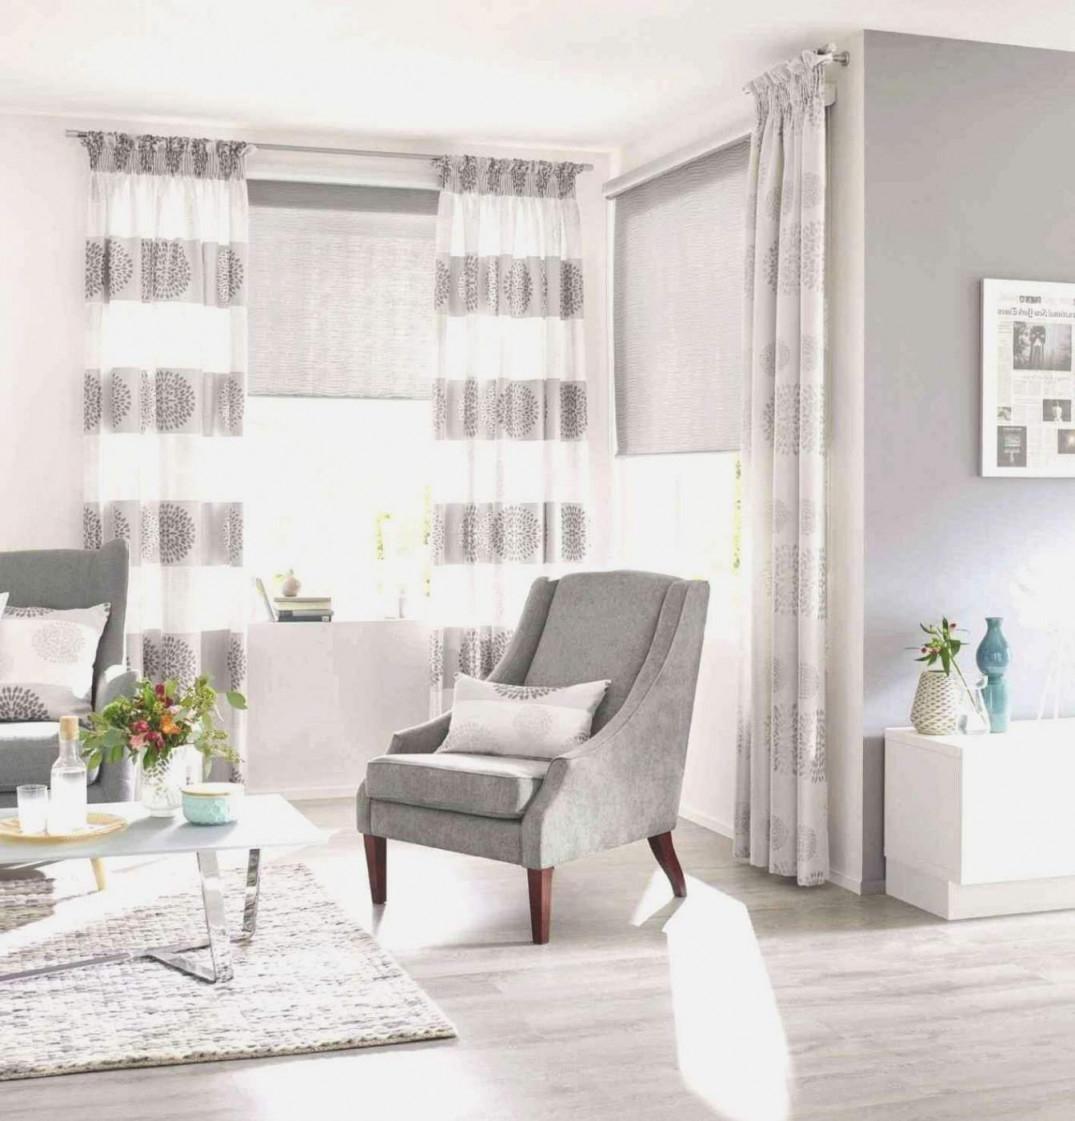 37 Luxus Moderne Gardinen Wohnzimmer Inspirierend von Gardinen Trends Wohnzimmer Photo